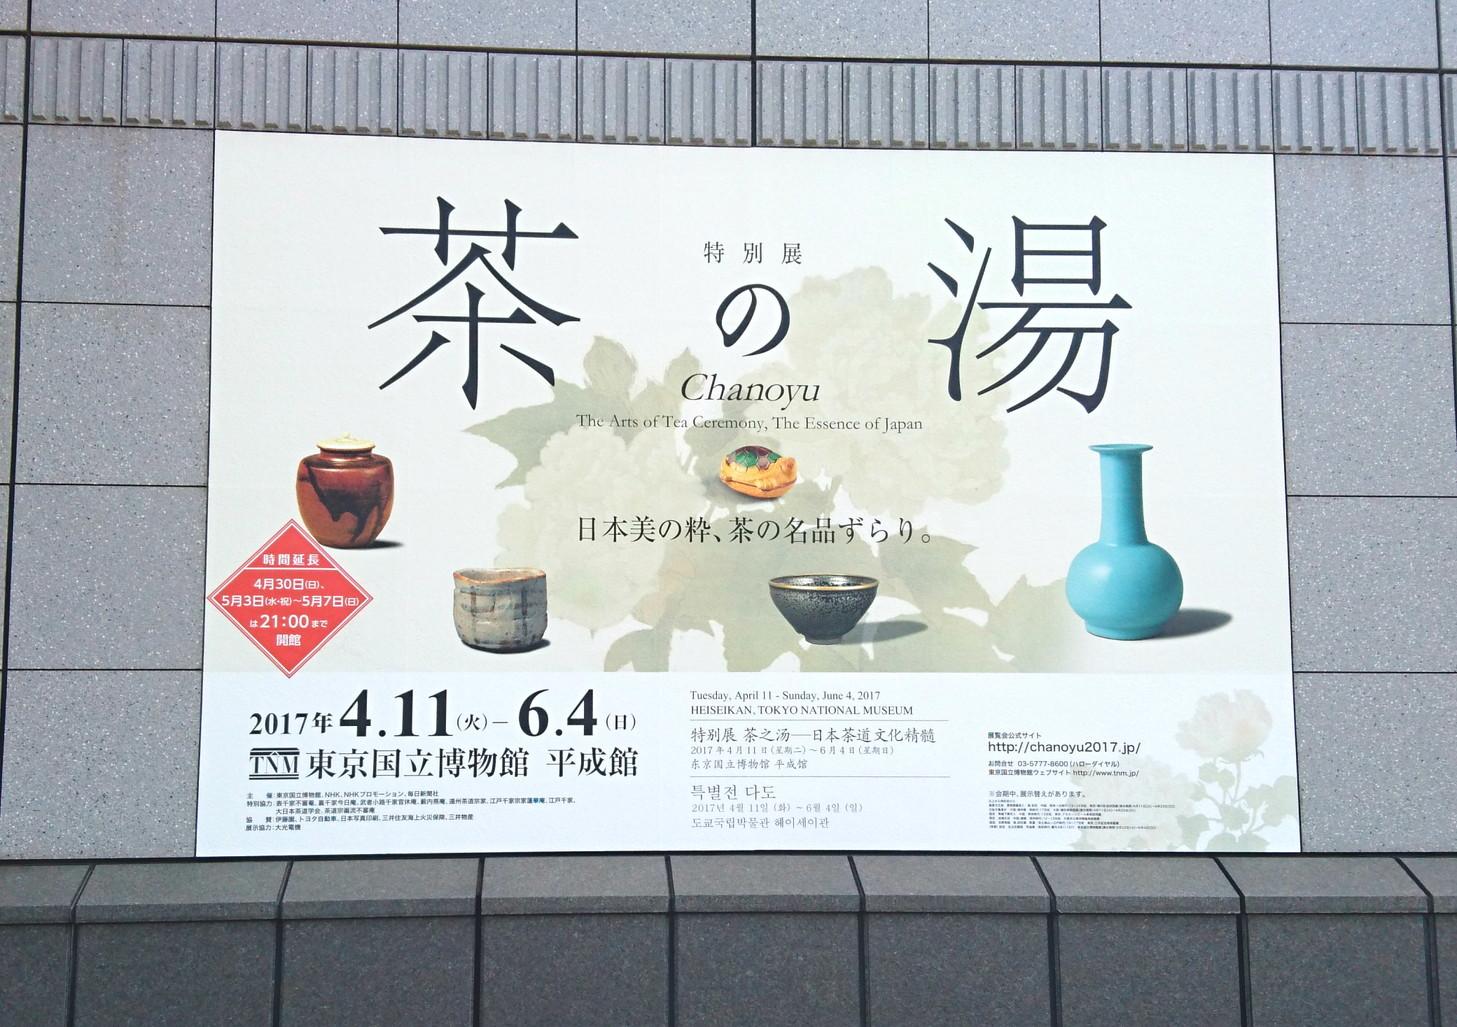 特別展「茶の湯」に行ってきました。